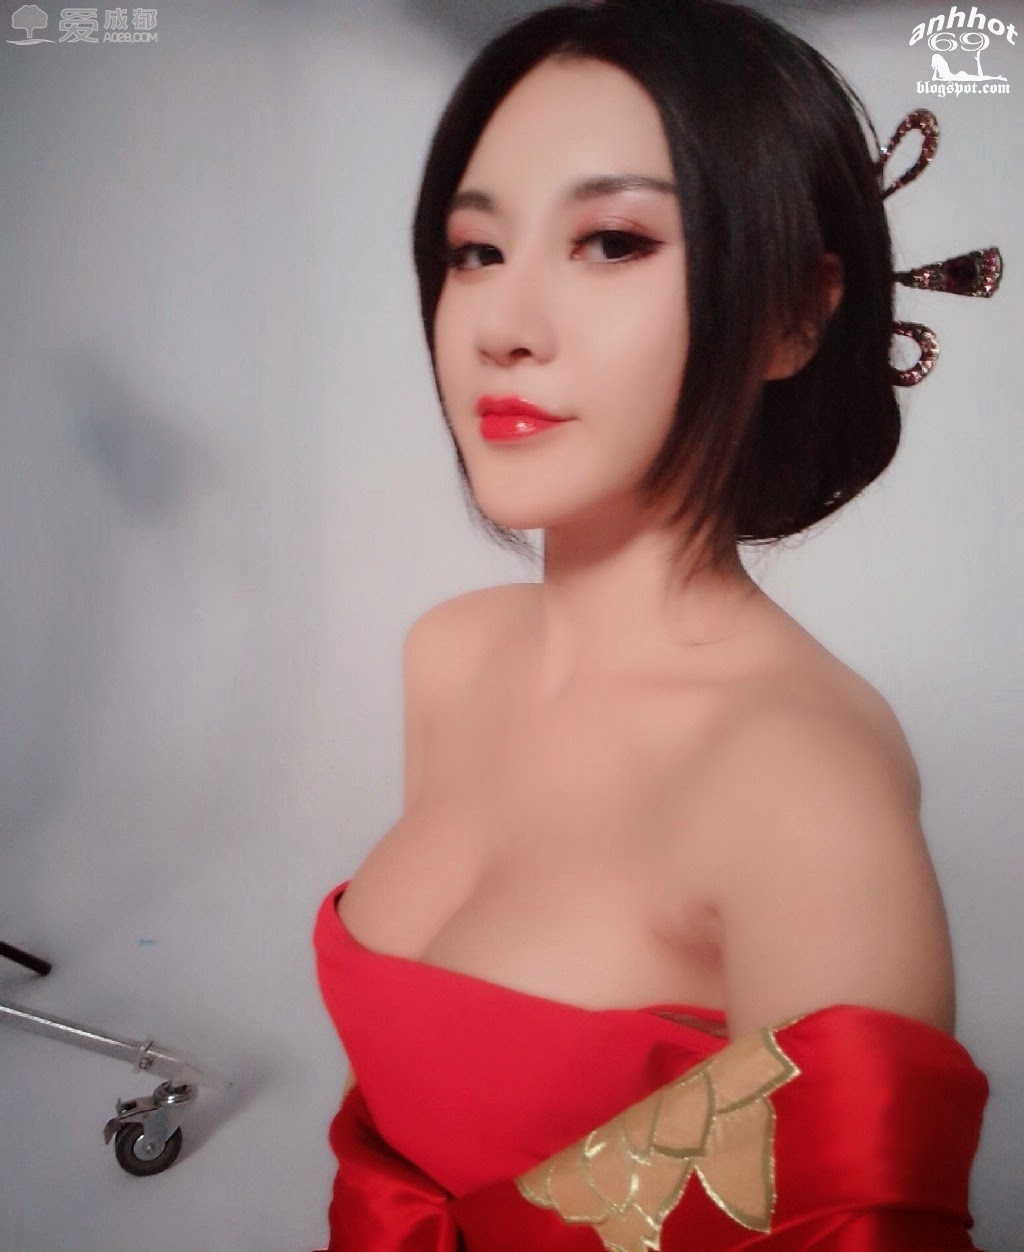 Fan-Ling_104916aqkgdokvo7uoi6jo